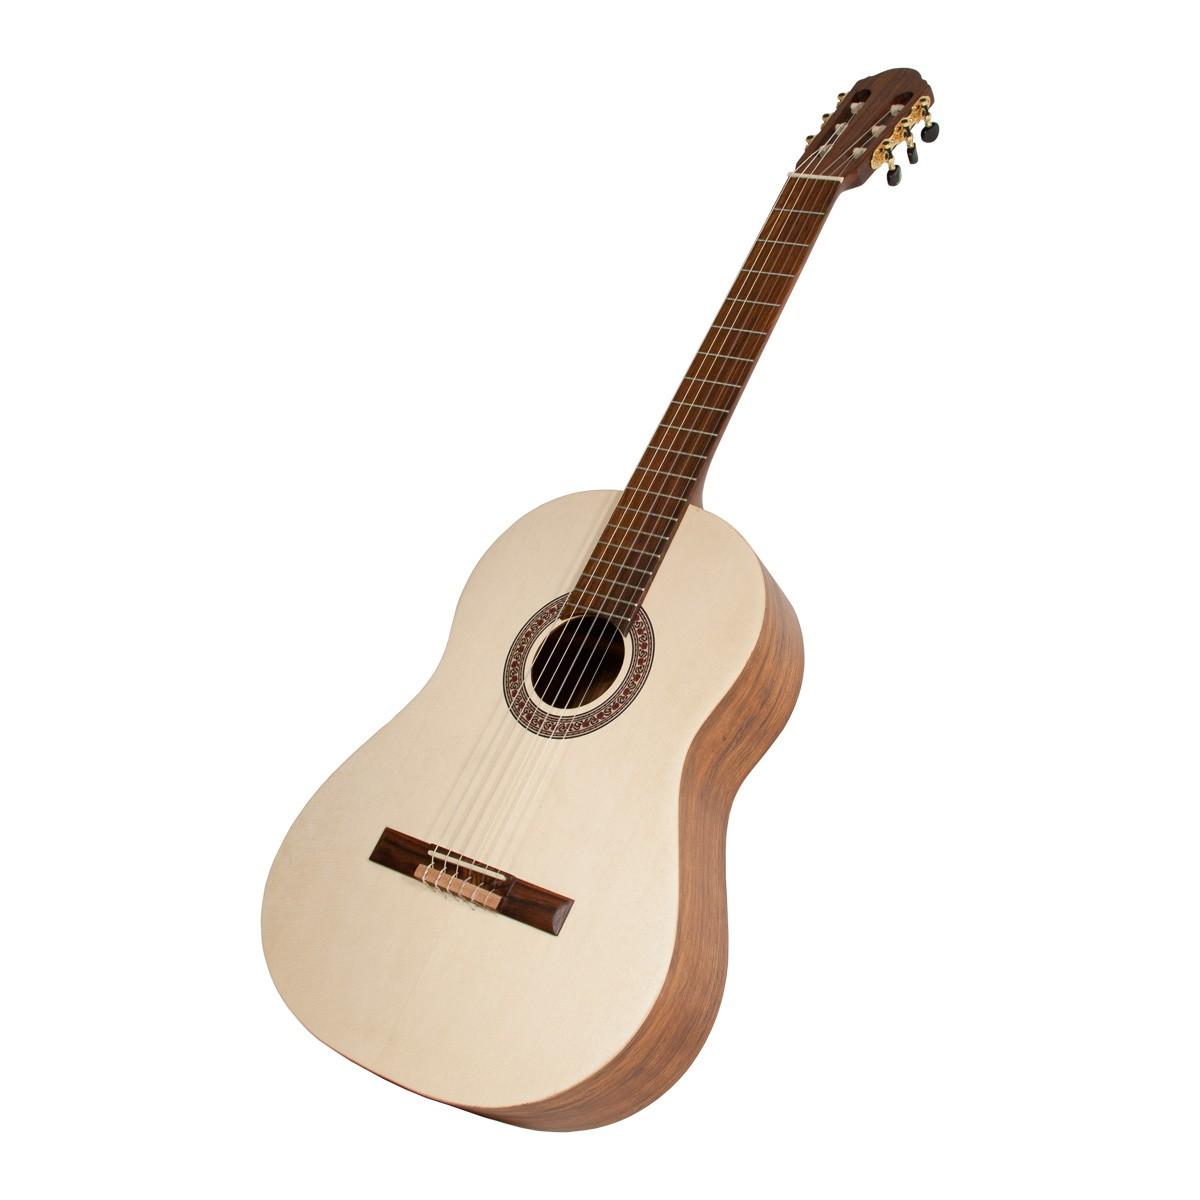 Roosebeck Flamenco Guitar (No Case)